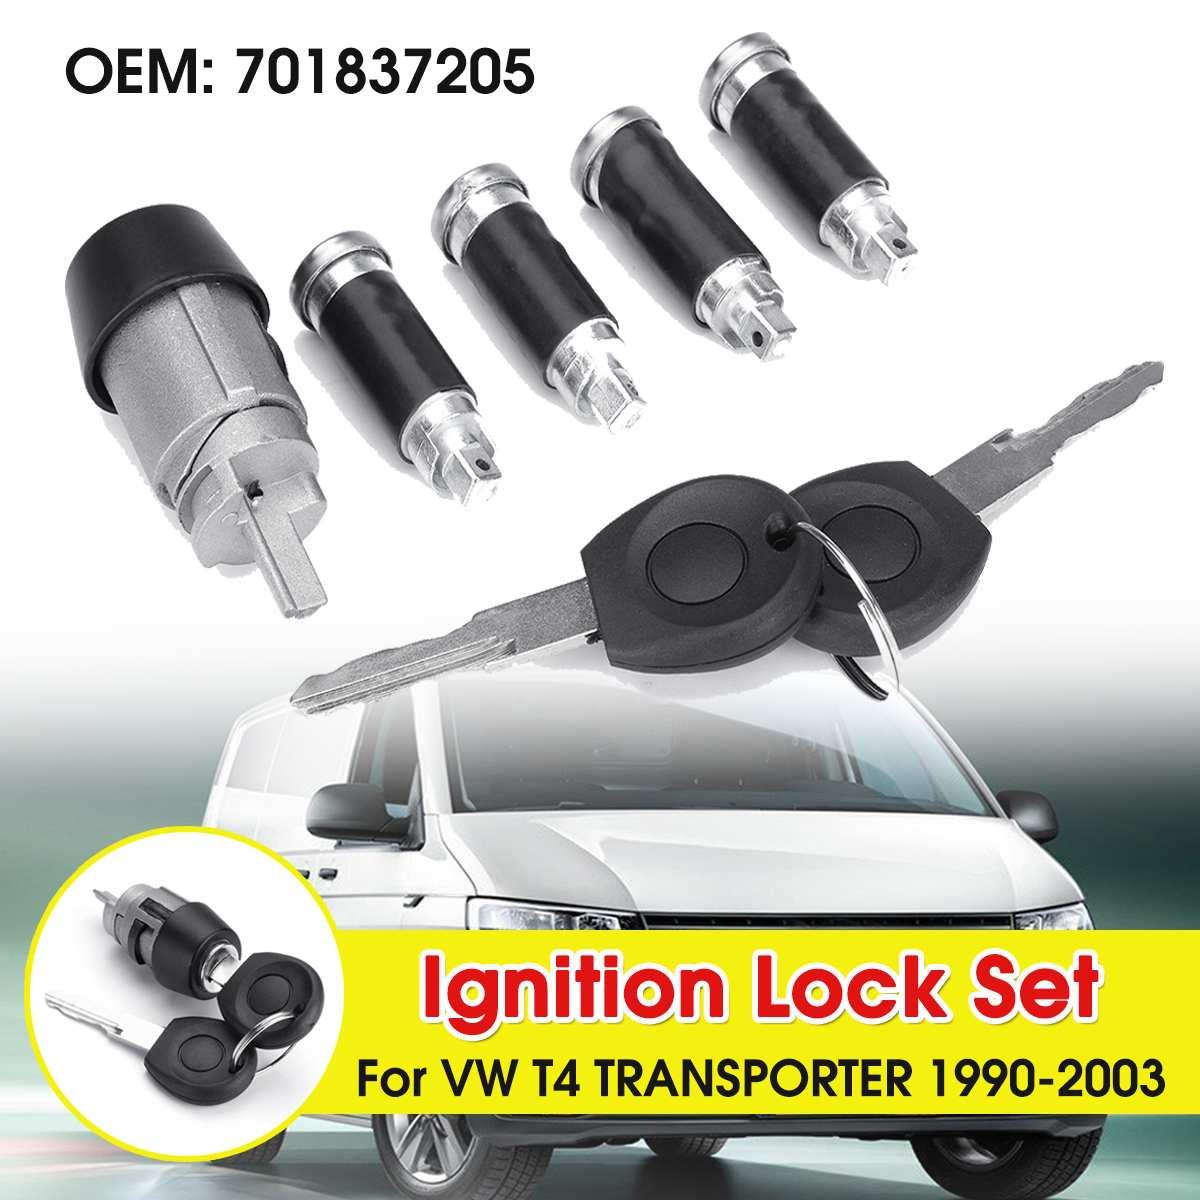 2 anahtar kontak anahtarı kapı kilidi varil için VW T4 Caravelle 1990-2003 taşıyıcı çift ahır kapıları